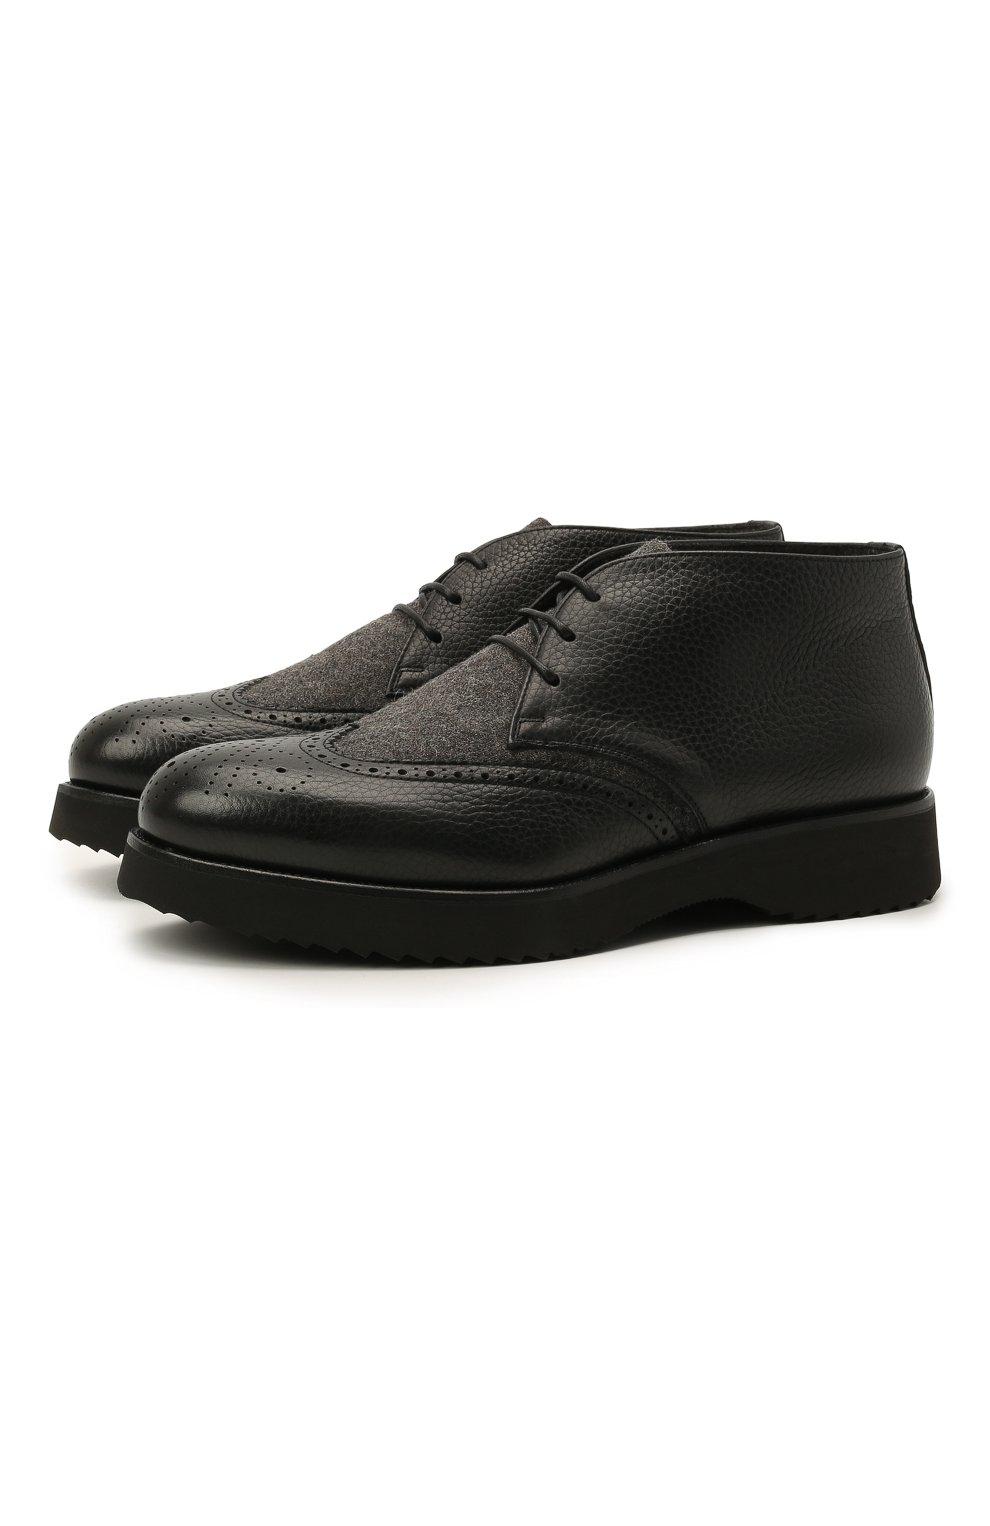 Мужские комбинированные ботинки DOUCAL'S черного цвета, арт. DU2888DAK0PT208NN00 | Фото 1 (Материал внешний: Текстиль; Мужское Кросс-КТ: Ботинки-обувь, Дезерты-обувь; Материал внутренний: Натуральная кожа, Текстиль; Подошва: Плоская)